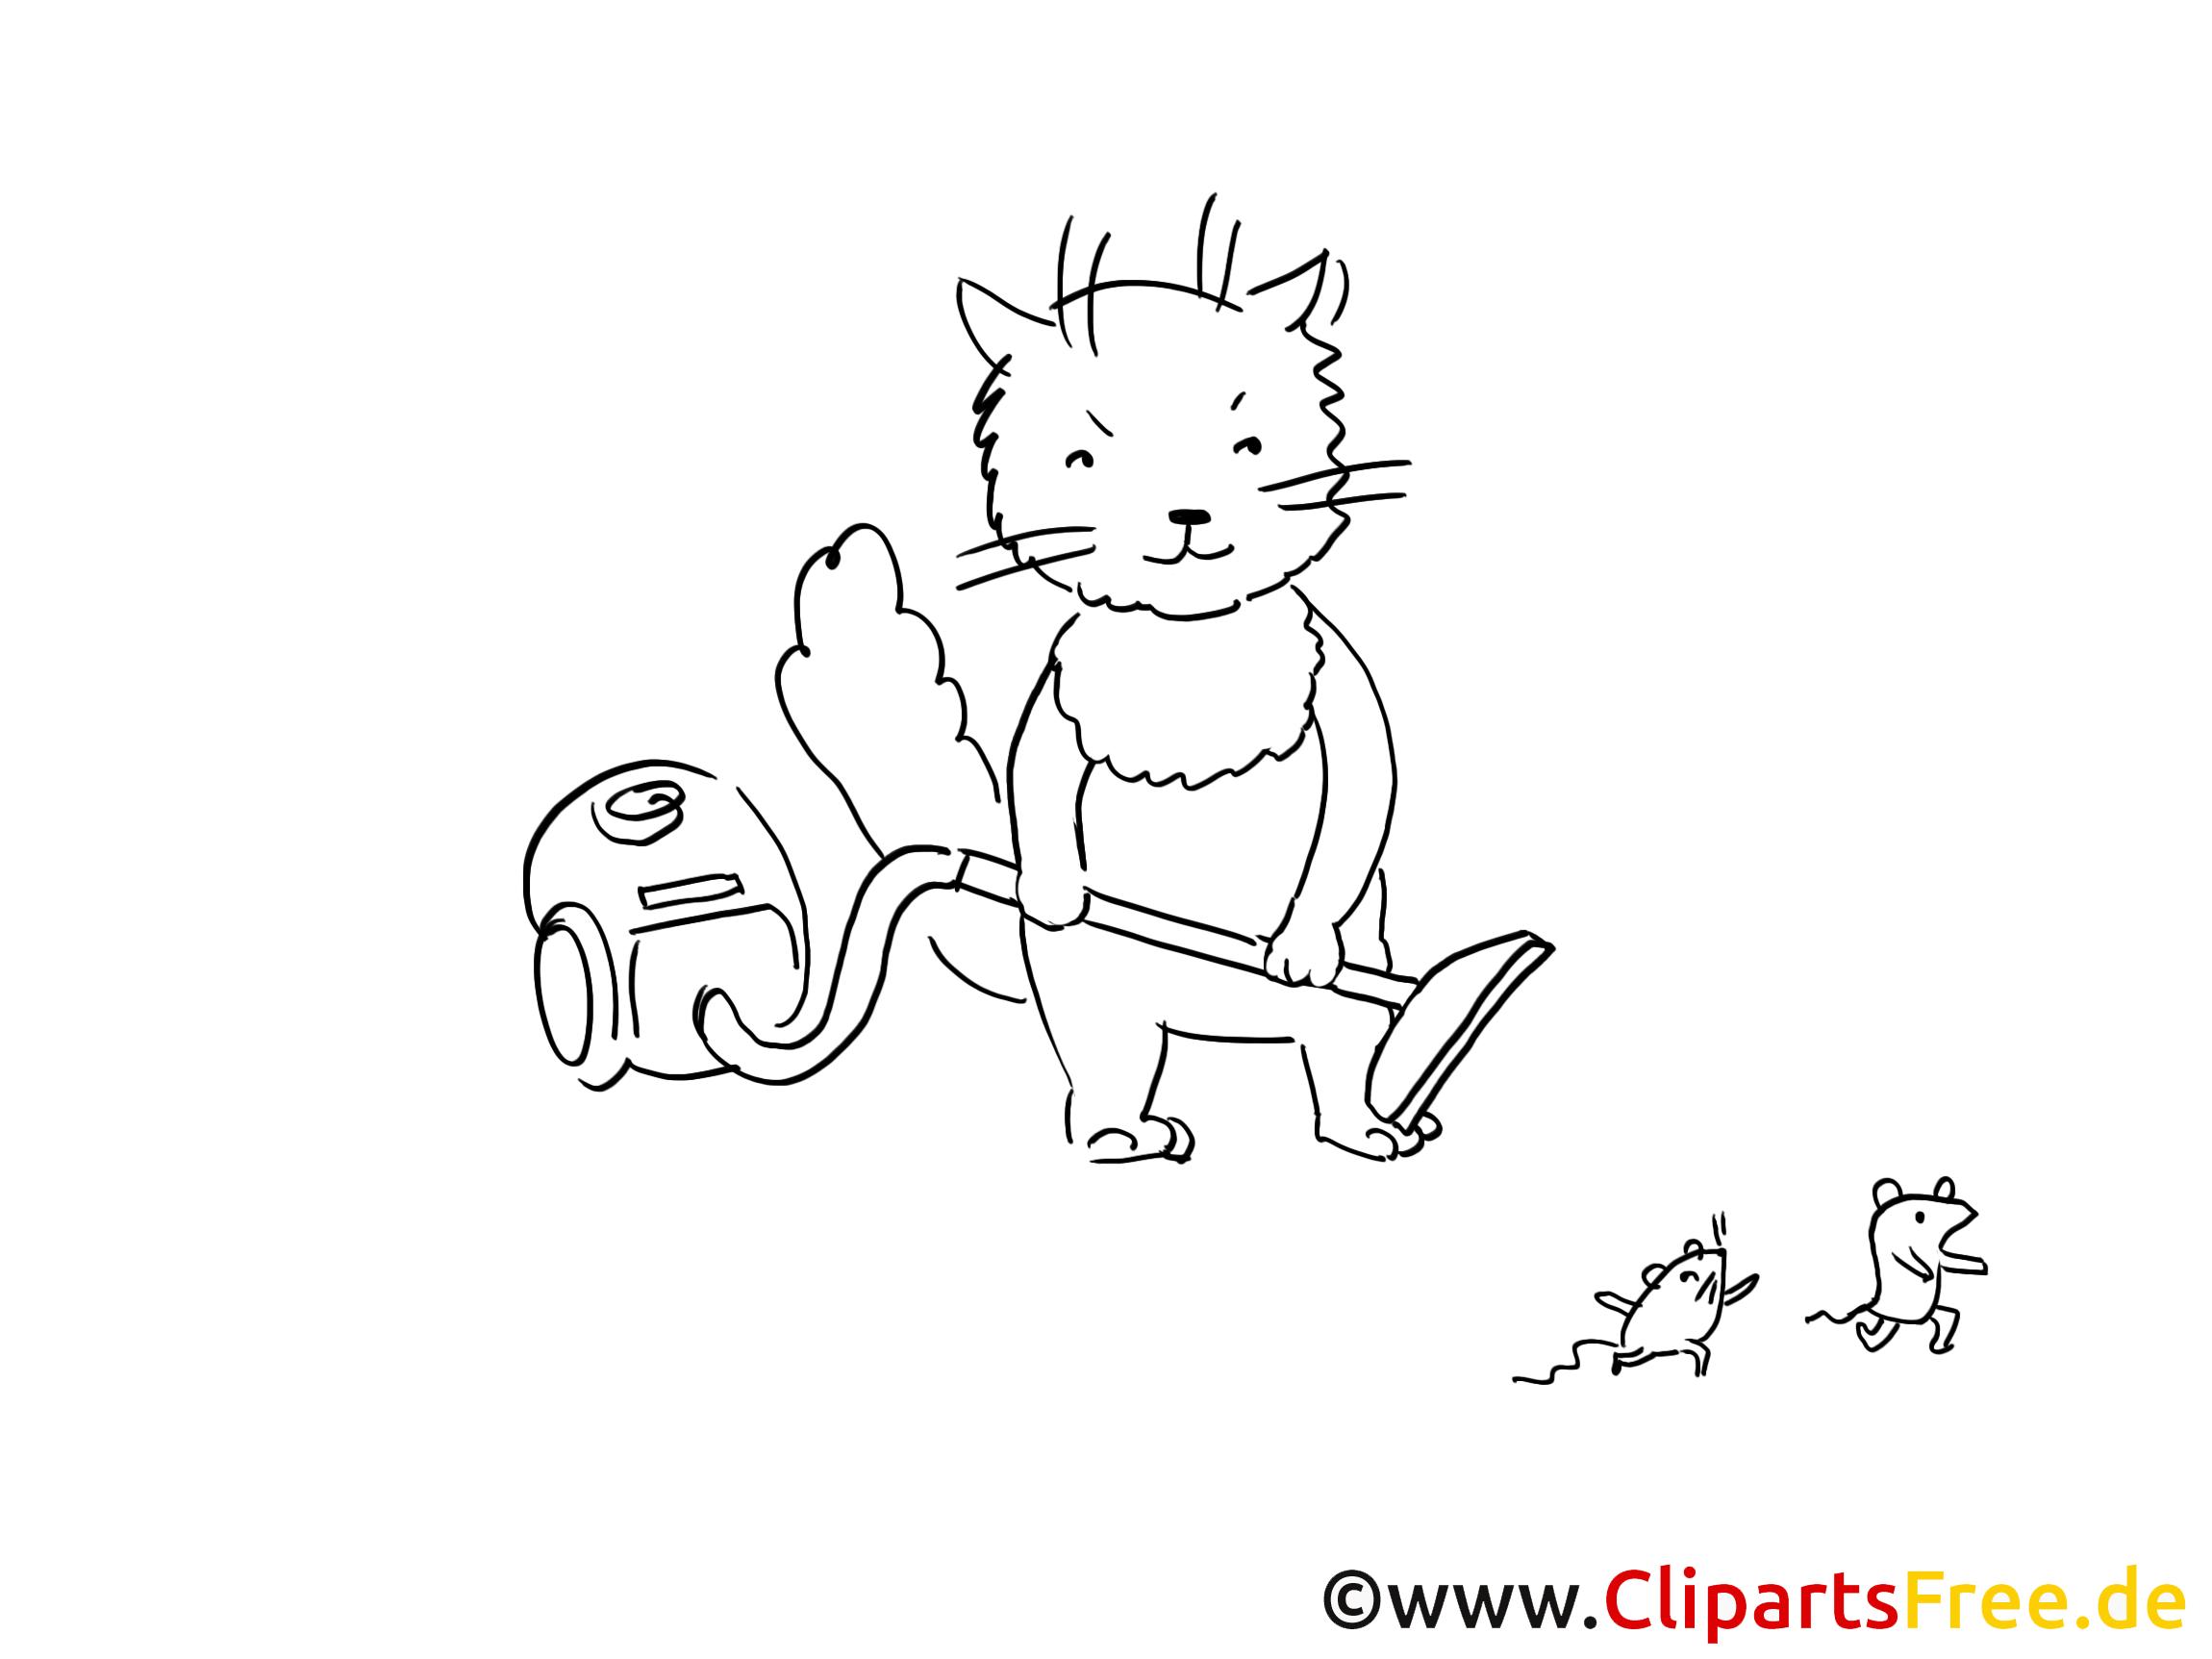 Katze mit Staubsauger Grafik, Bild, Malvorlage zum Ausdrucken und Ausmalen